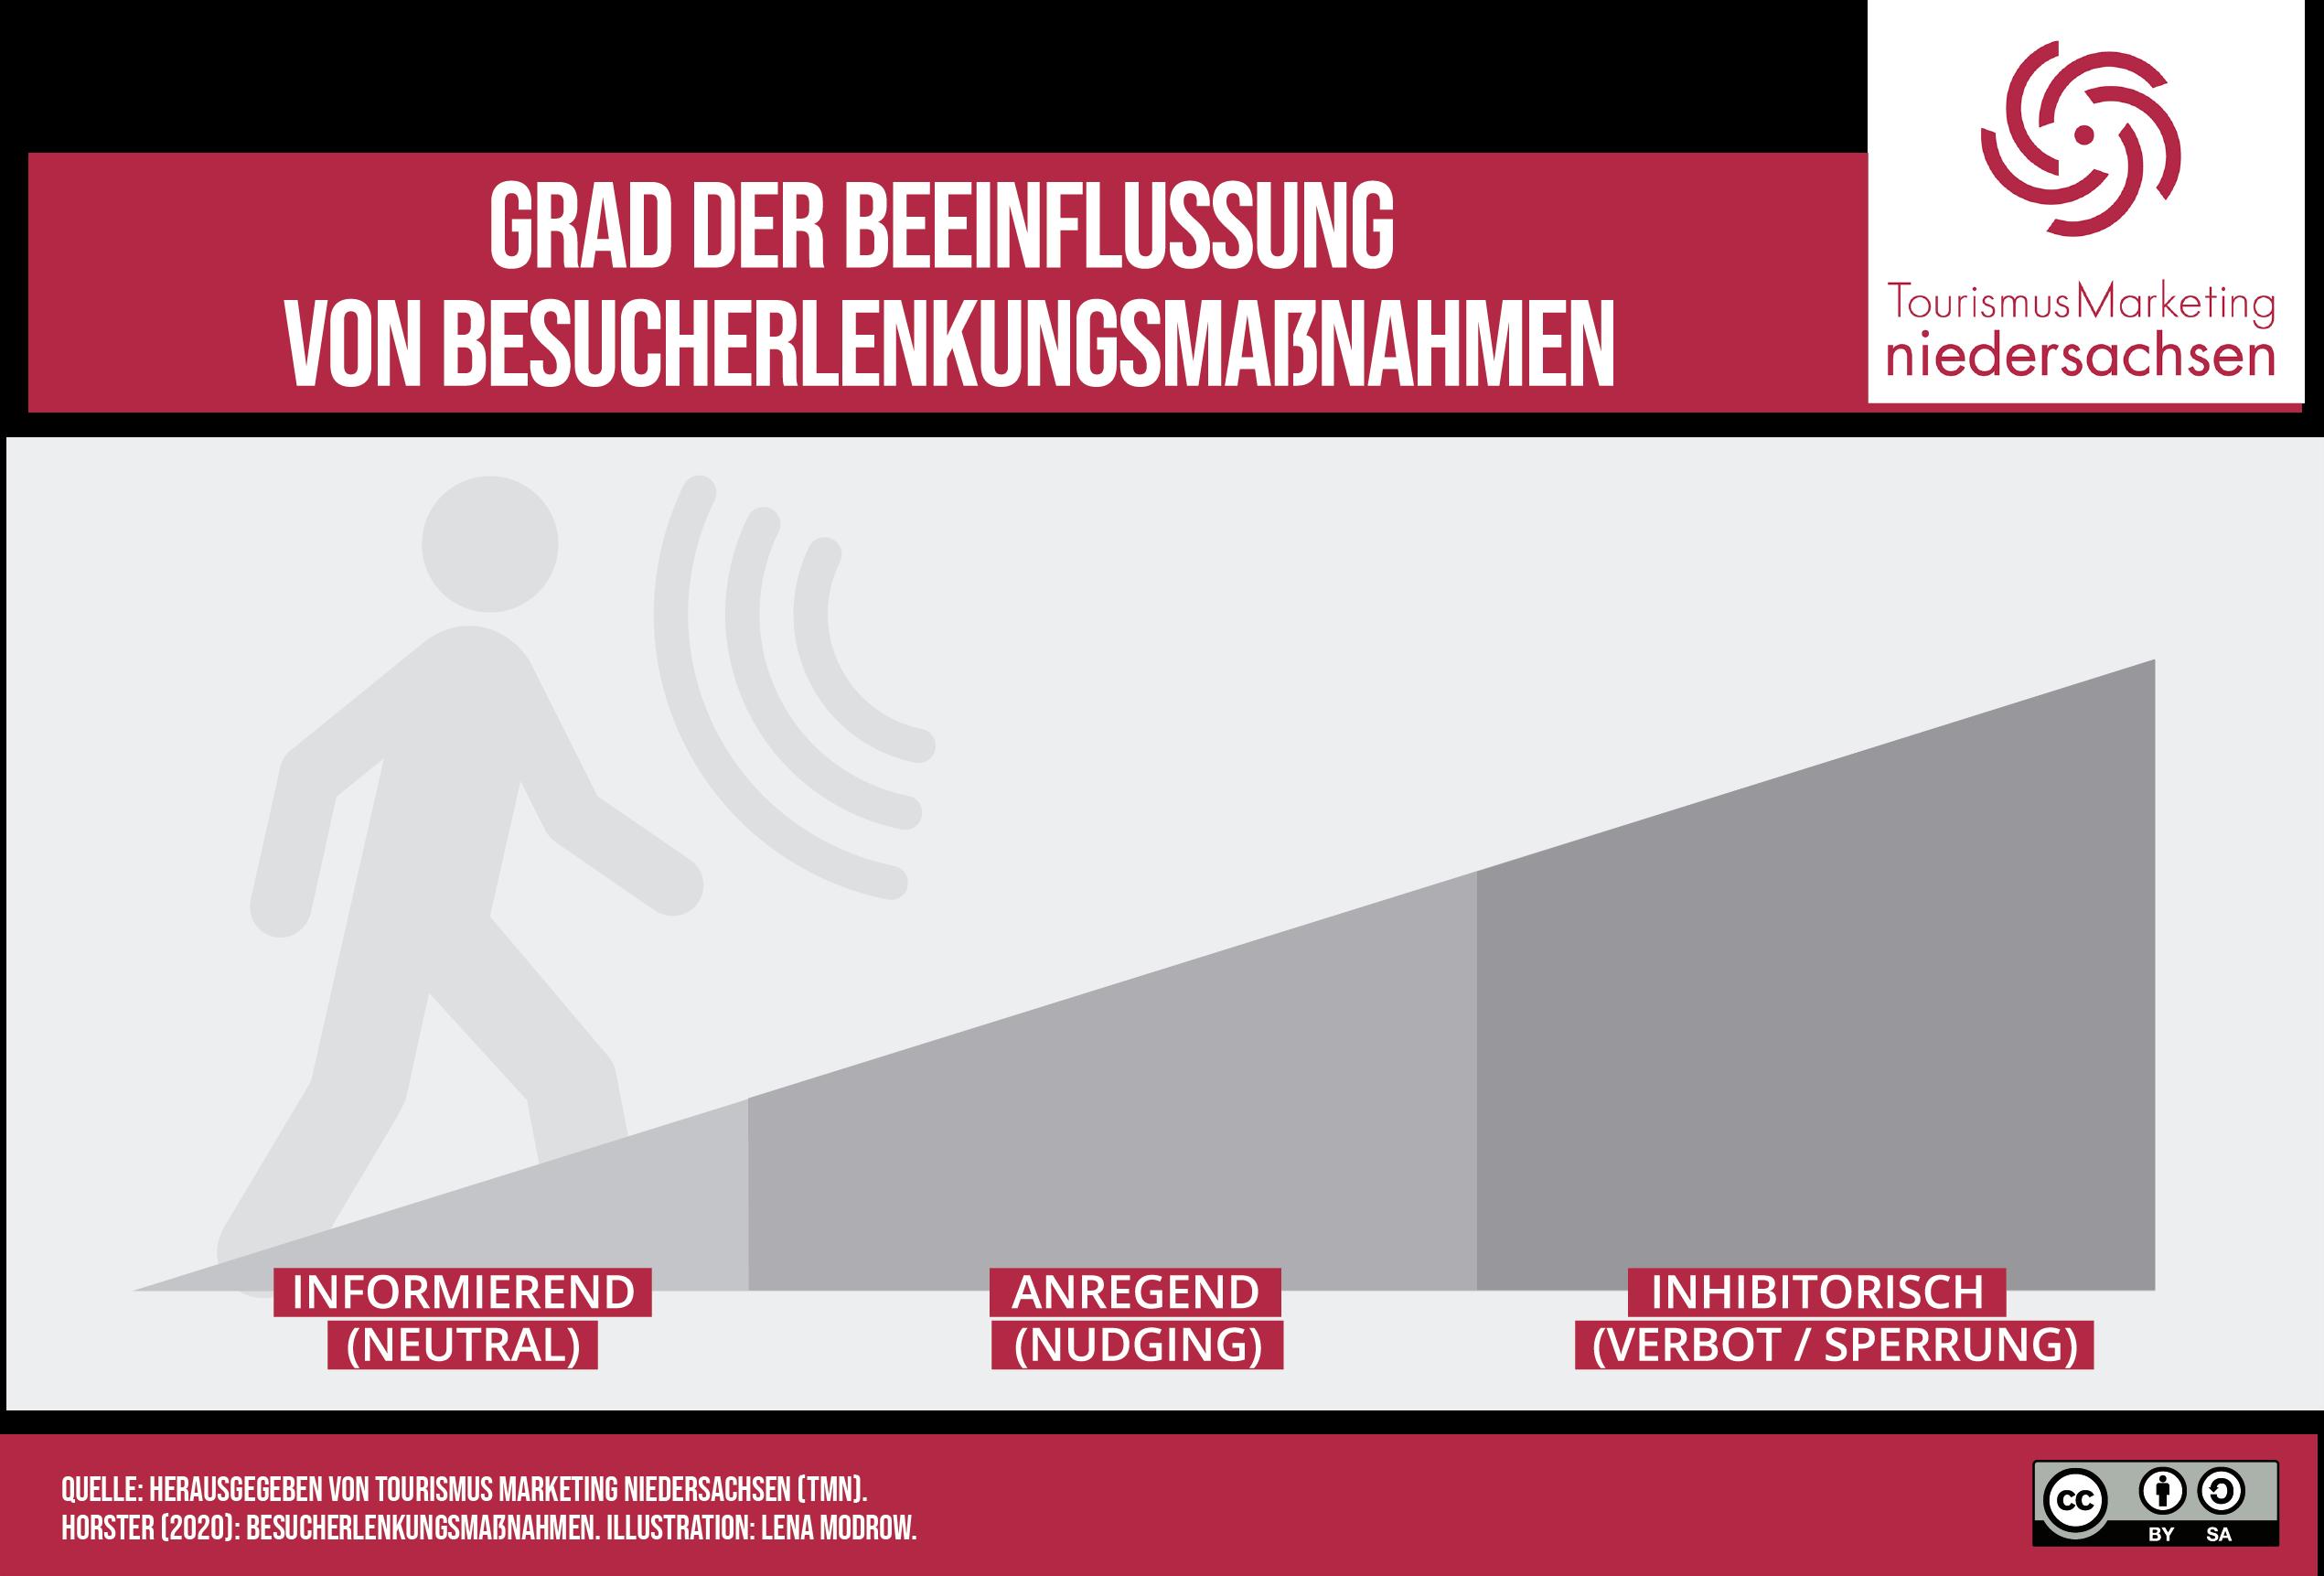 Infografik Grad der Beeinflussung von Besucherlenkungsmaßnahmen